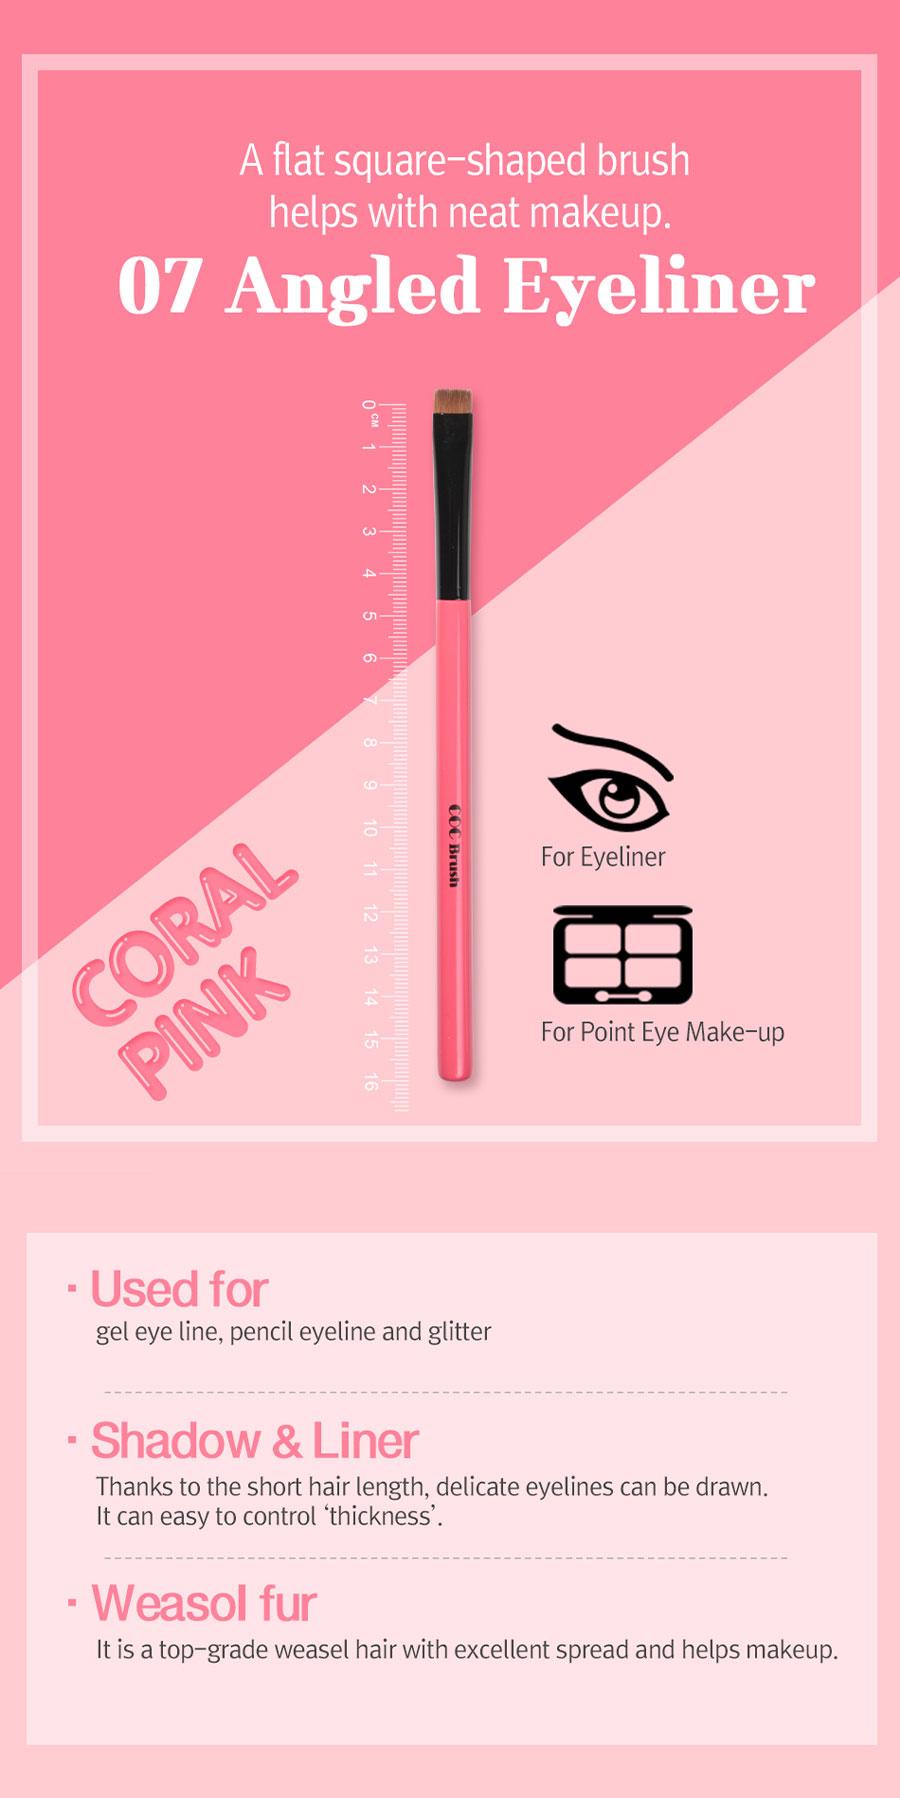 Angled Eyeliner Brush - Intro